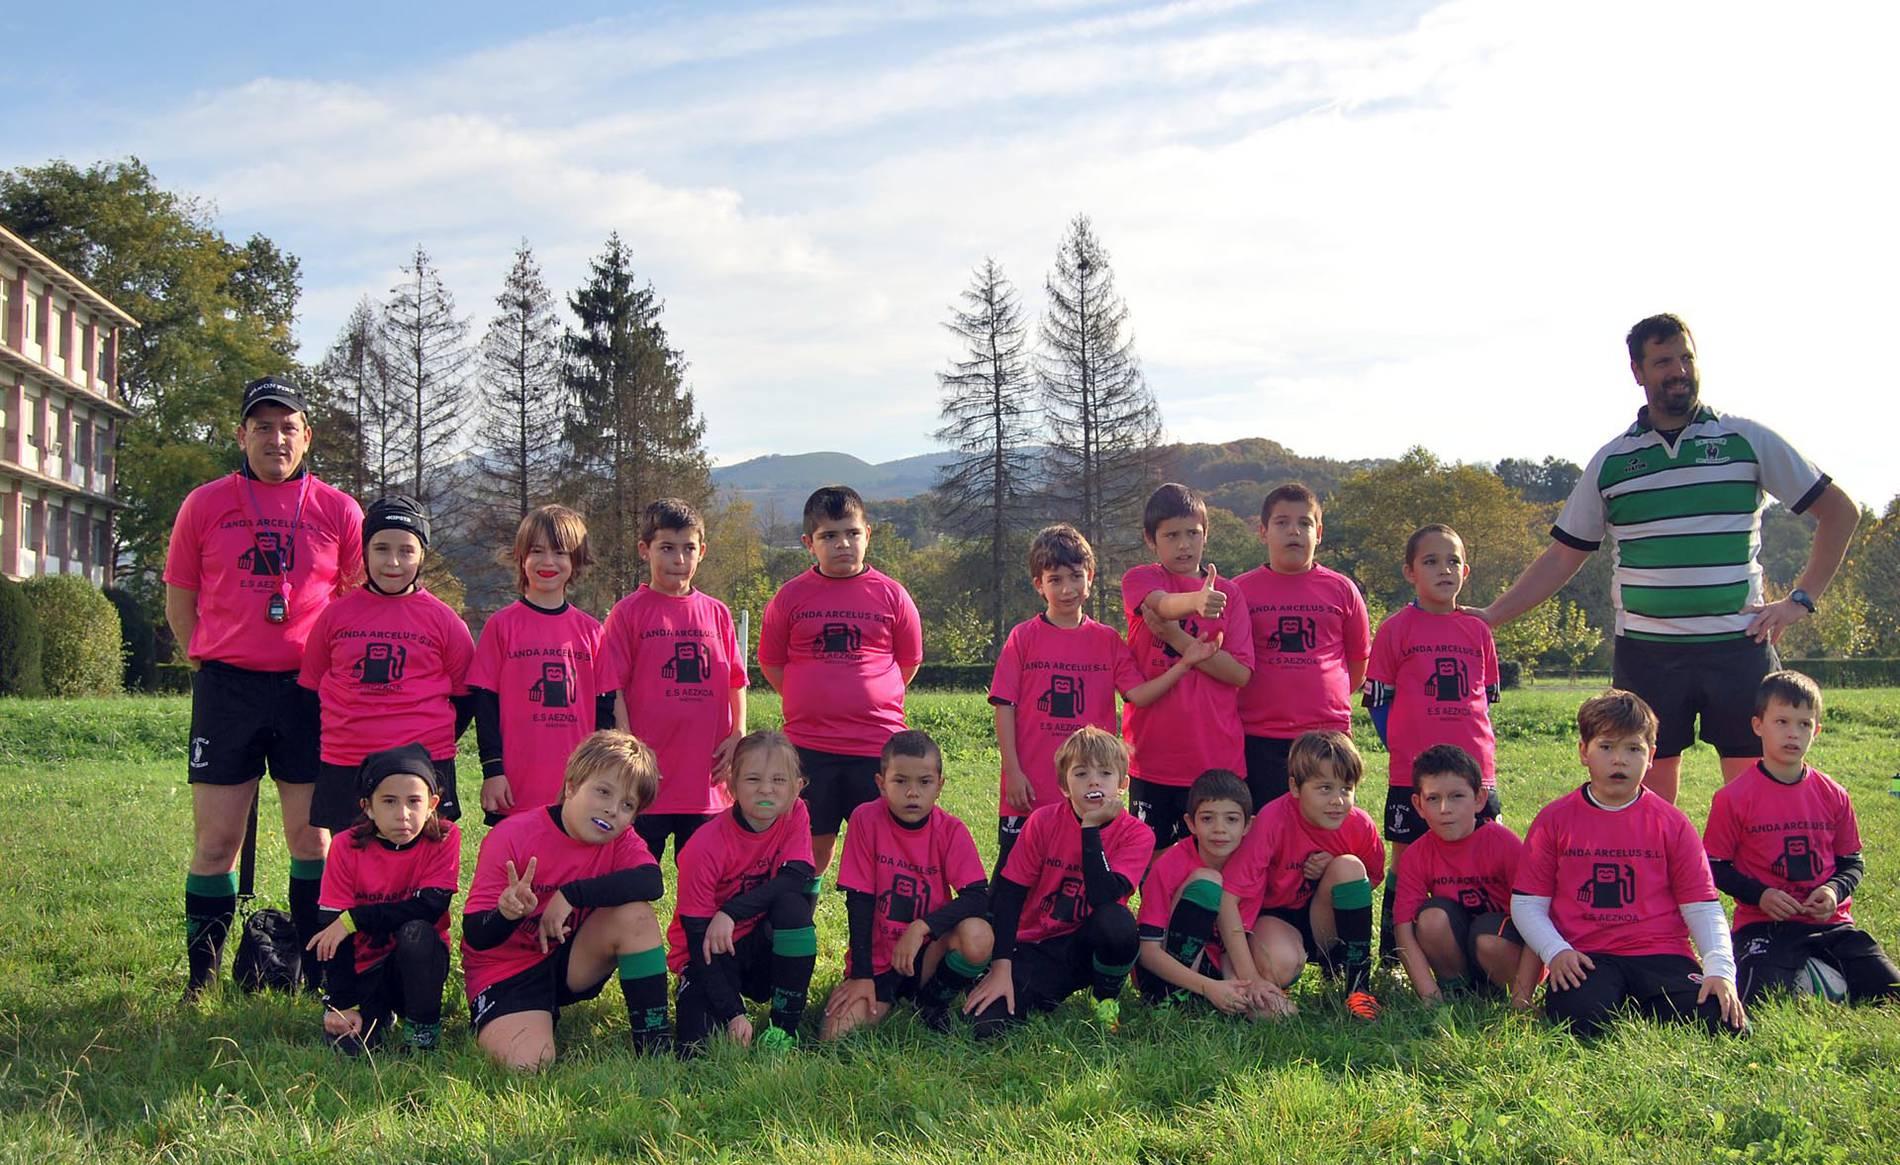 Juegos Deportivos y 'clinic' para el rugby promesas (1/8) - El miércoles 1 de noviembre se celebró en Lekaroz, la primera jornada de los Juegos Deportivos de Navarra de rugby, en la que tomaron parte en torno a 200 deportistas pertenecientes a los clubes Baztan RT Menditarrak, que ejercía de anfitrión; La Única RT; Iruña RC y Gigantes de Navarra Rugby, llegado de la capital ribera. Los más pequeños (sub 8) que todavía no compiten, afianzaron sus conocimientos a través de un 'clinic' de iniciación. - Navarra -